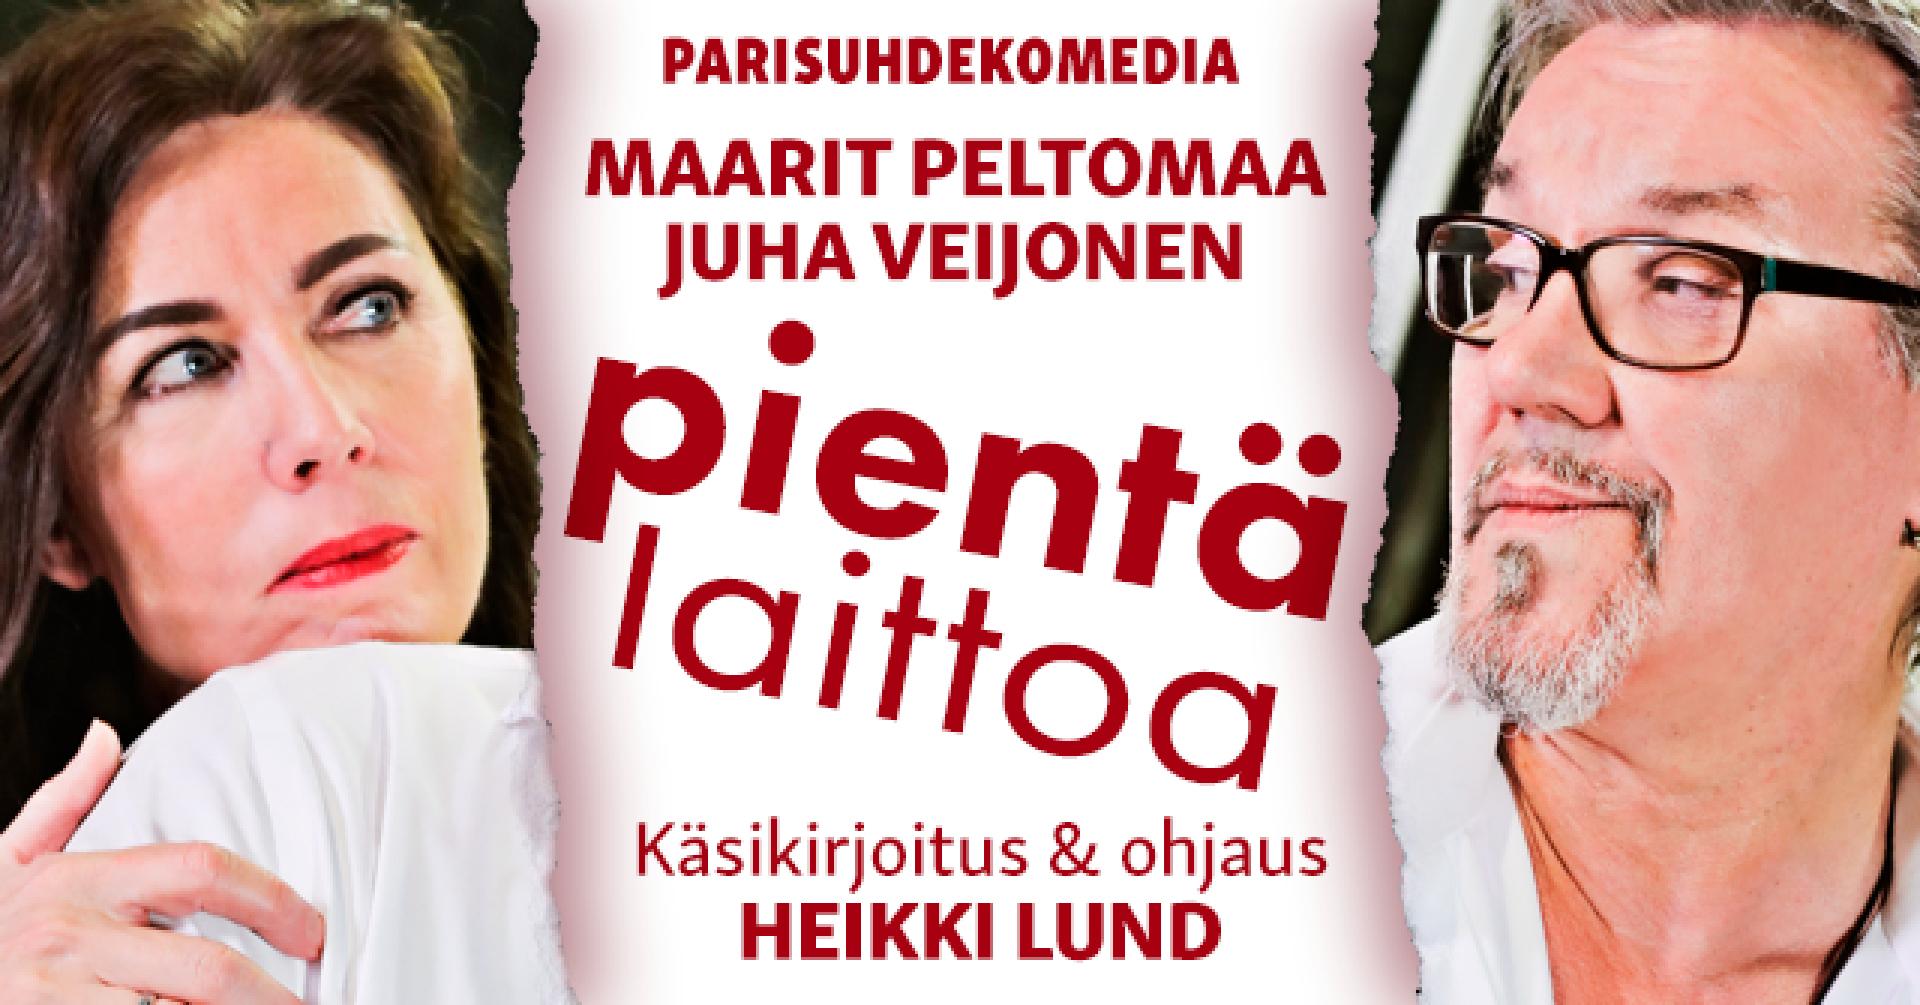 Parisuhdekomedia Pientä Laittoa.